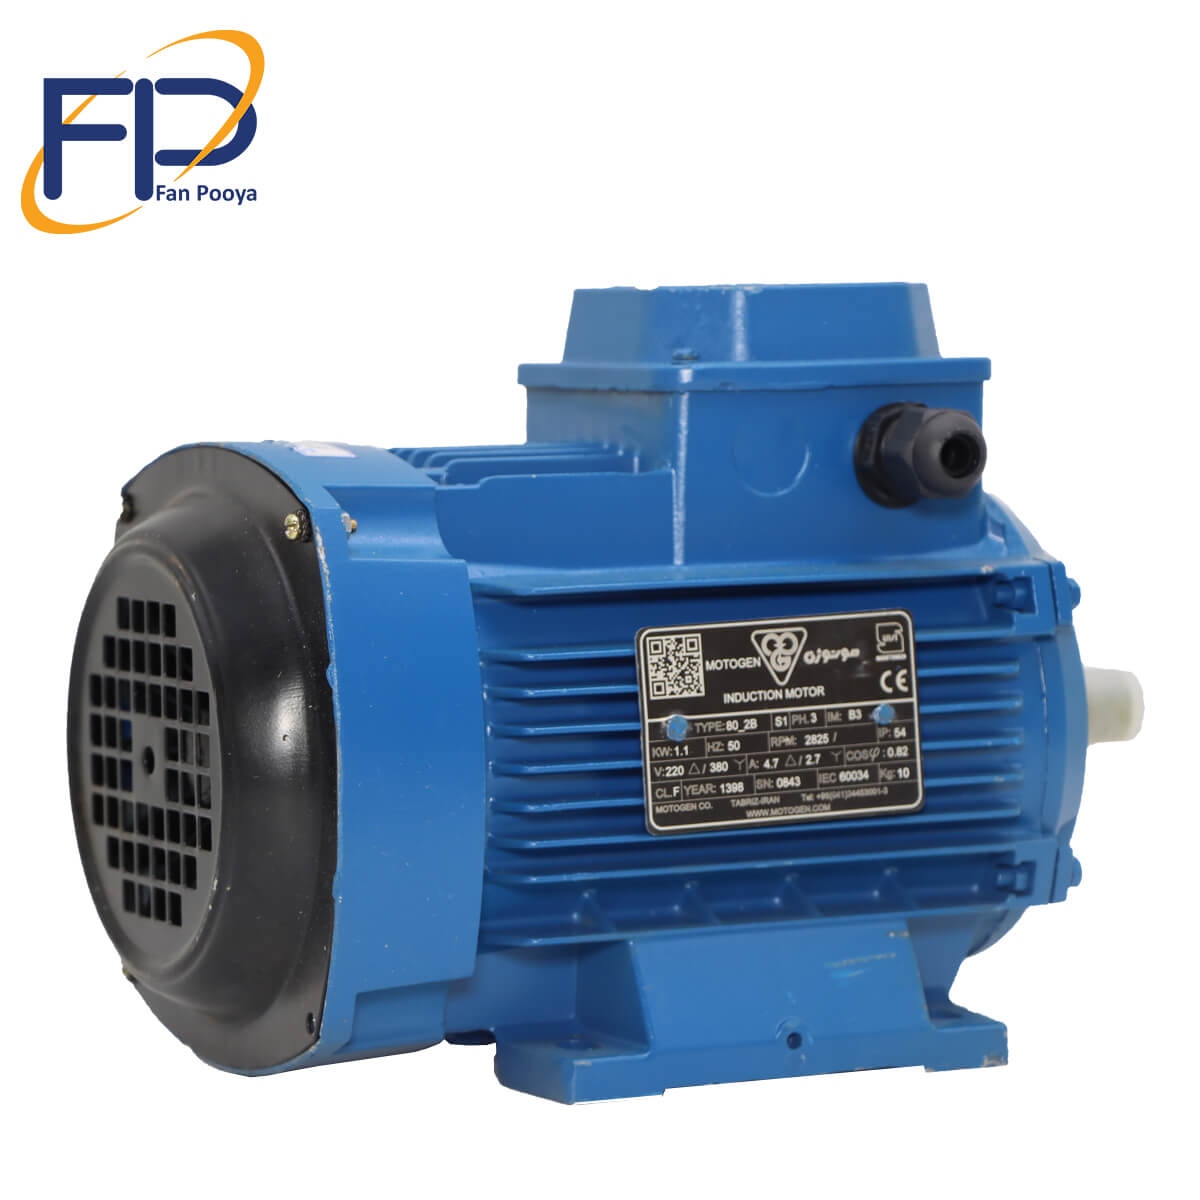 الکترو موتور موتورژن قدرت 0.09kw کیلو وات3000 دور